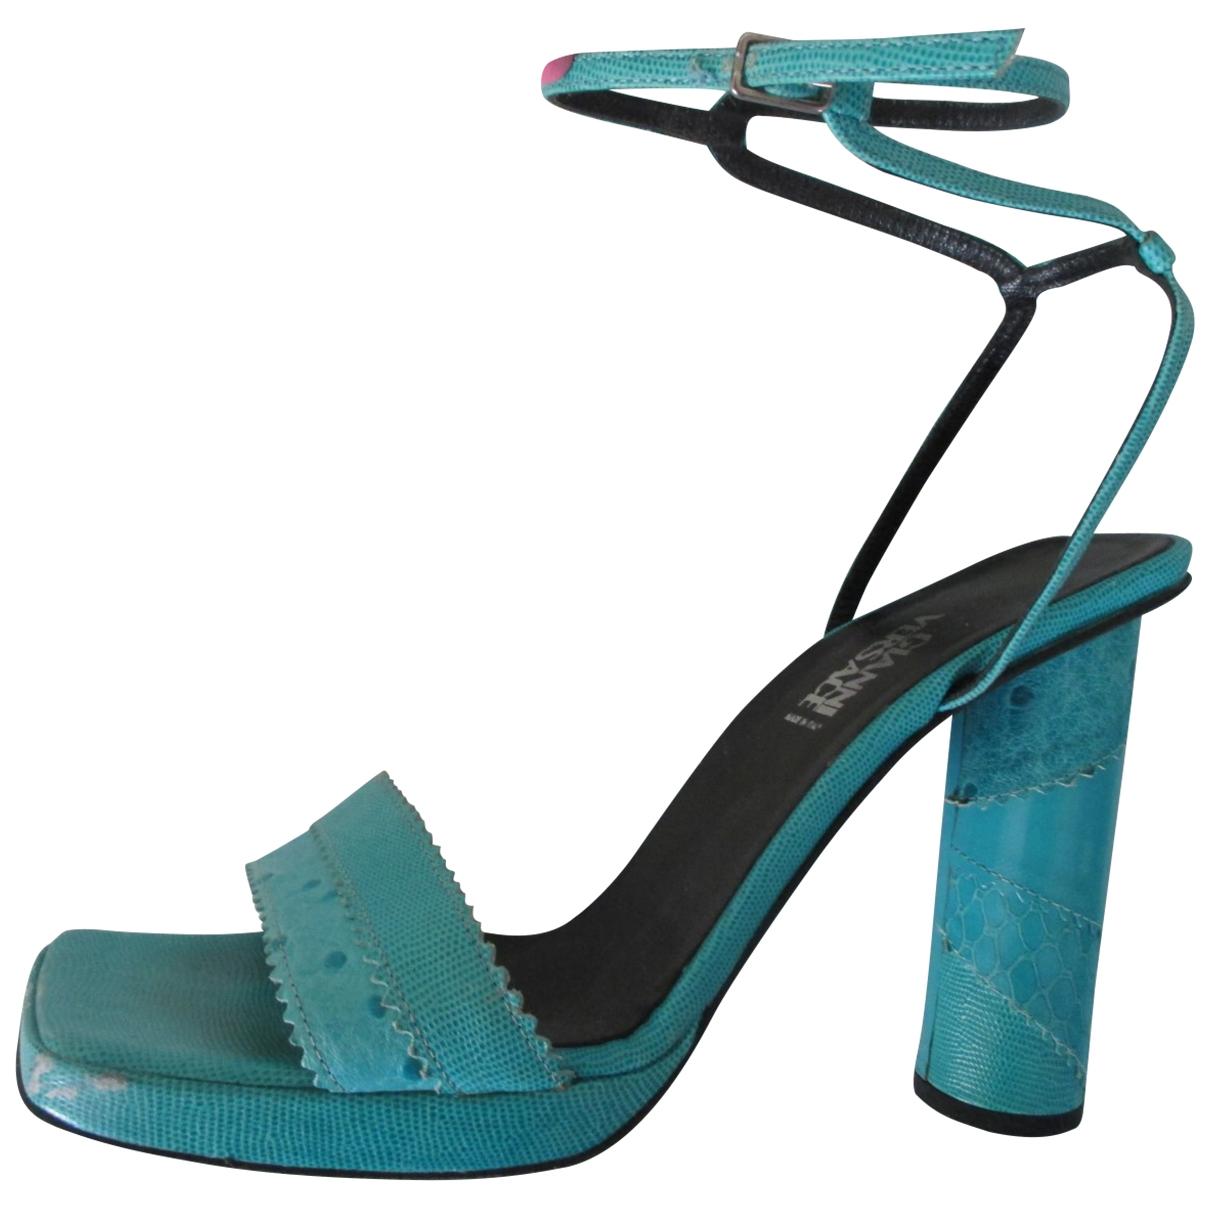 Gianni Versace - Sandales   pour femme en autruche - turquoise